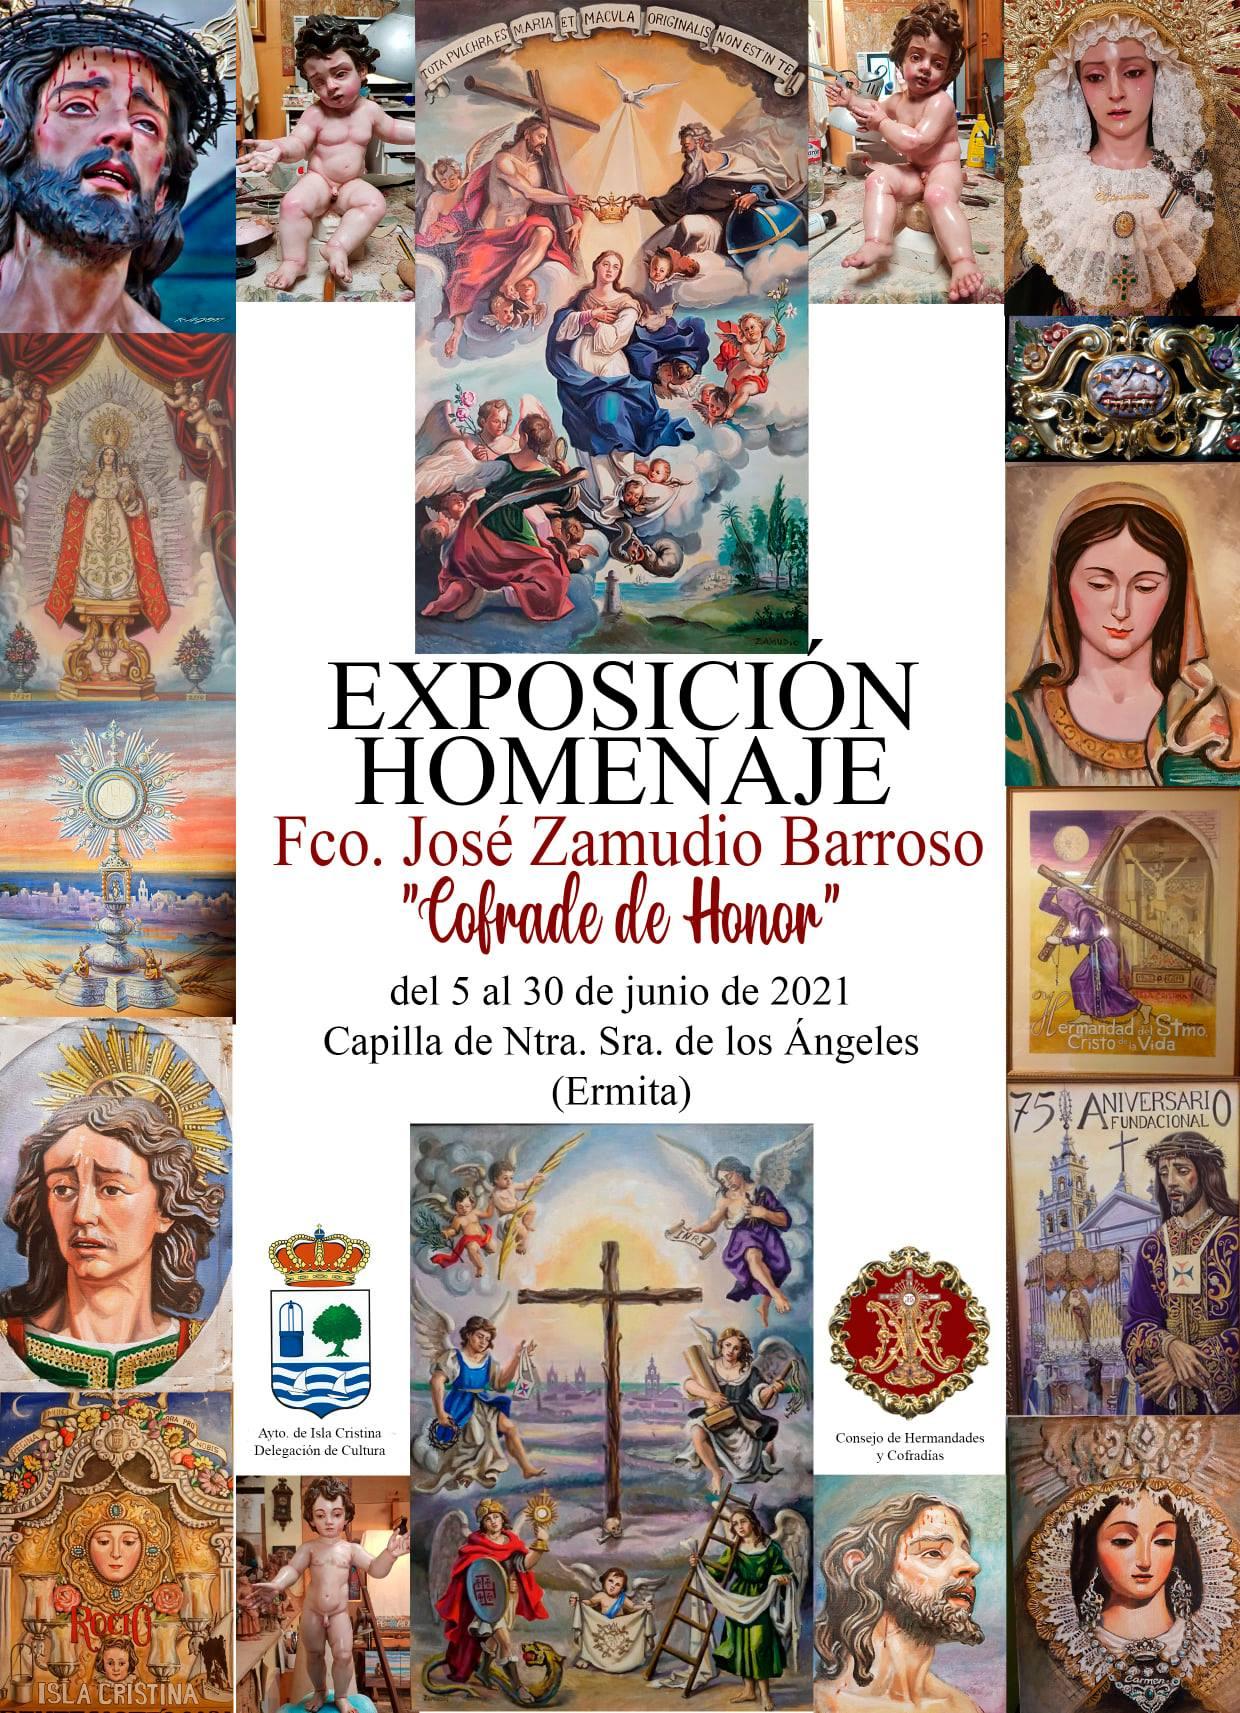 Exposición «Cofrade de Honor» Homenaje al isleño José Zamudio Barroso